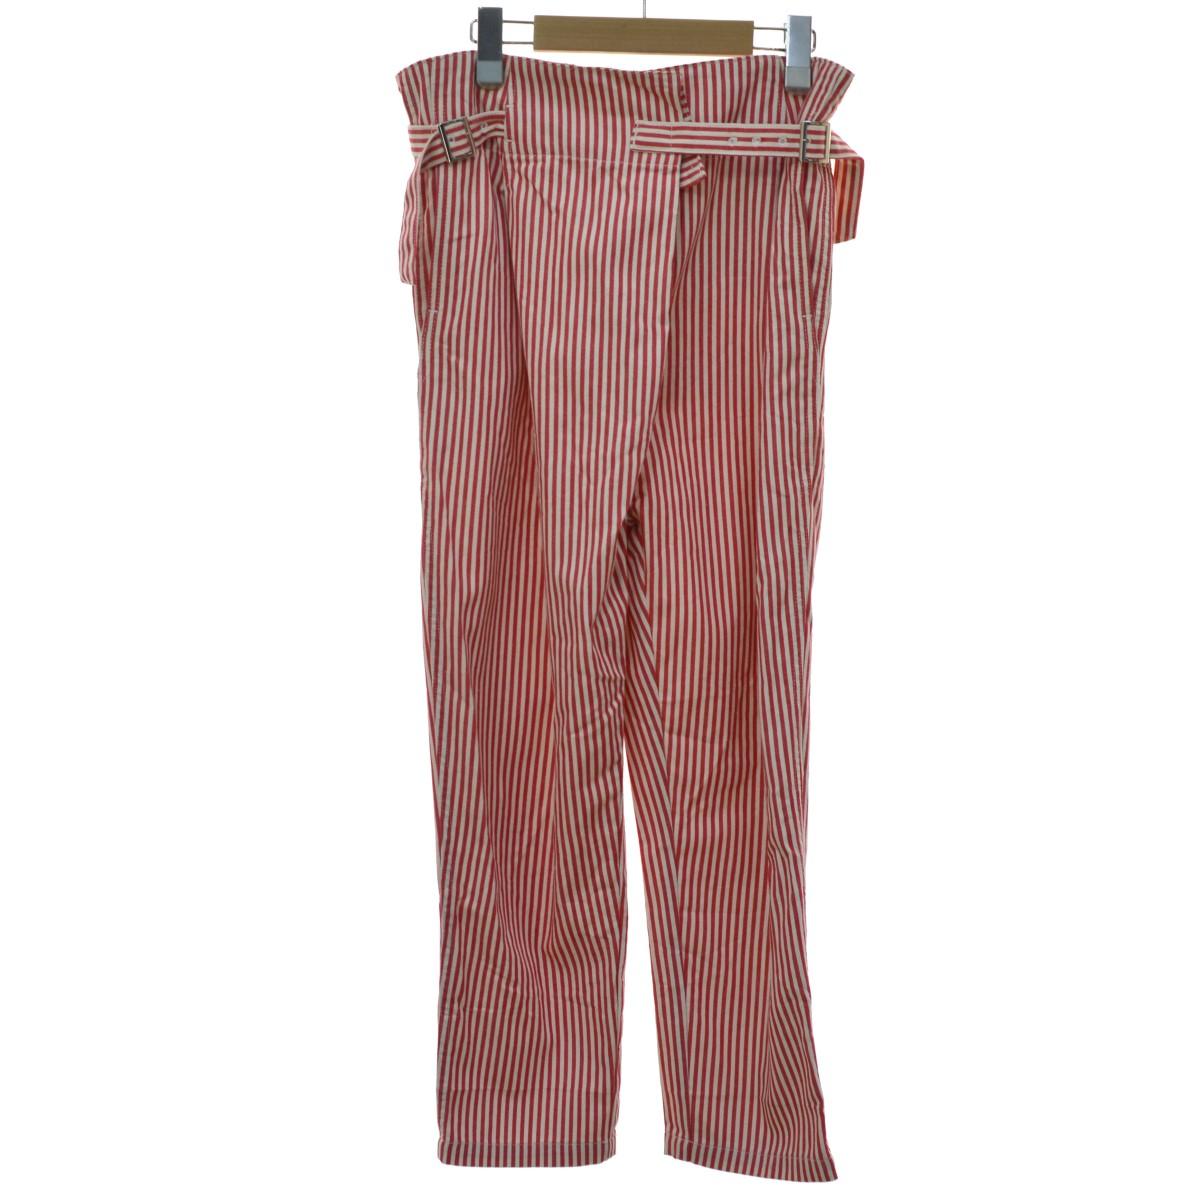 【中古】TOGA PULLA 19SS COTTON WRAP PANTS ストライプパンツ レッド サイズ:34 【180420】(トーガ プルラ)